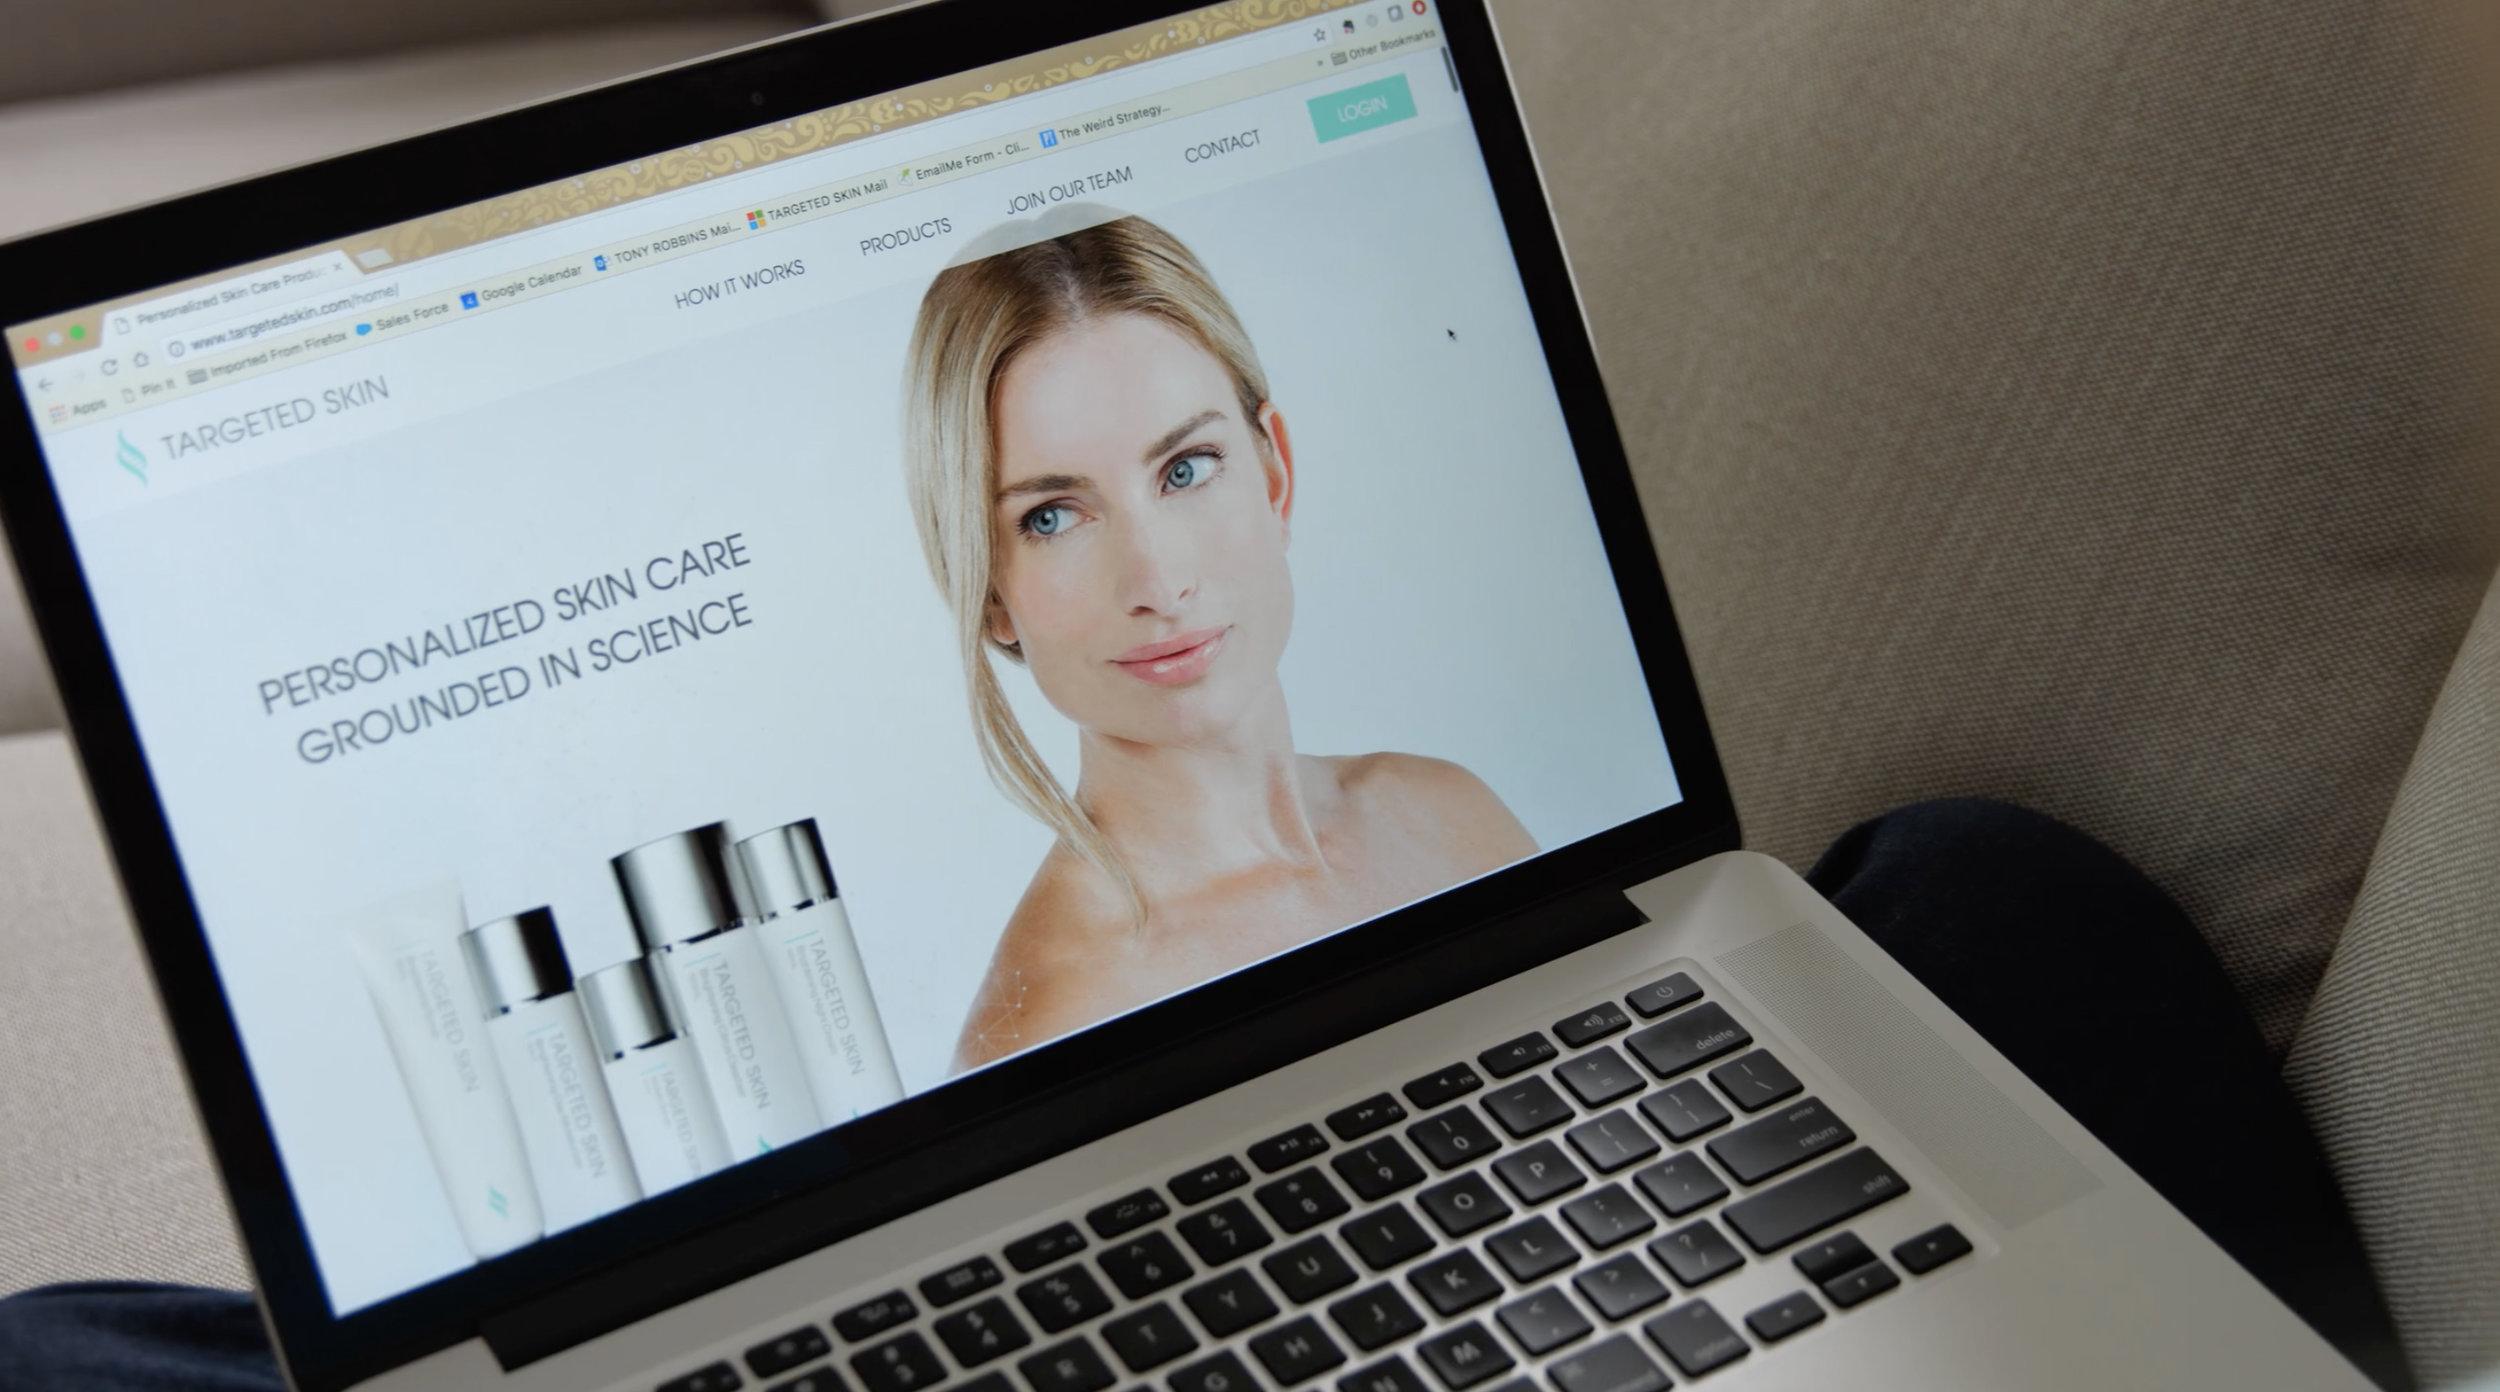 Targeted Skin Commercial Order Online 2